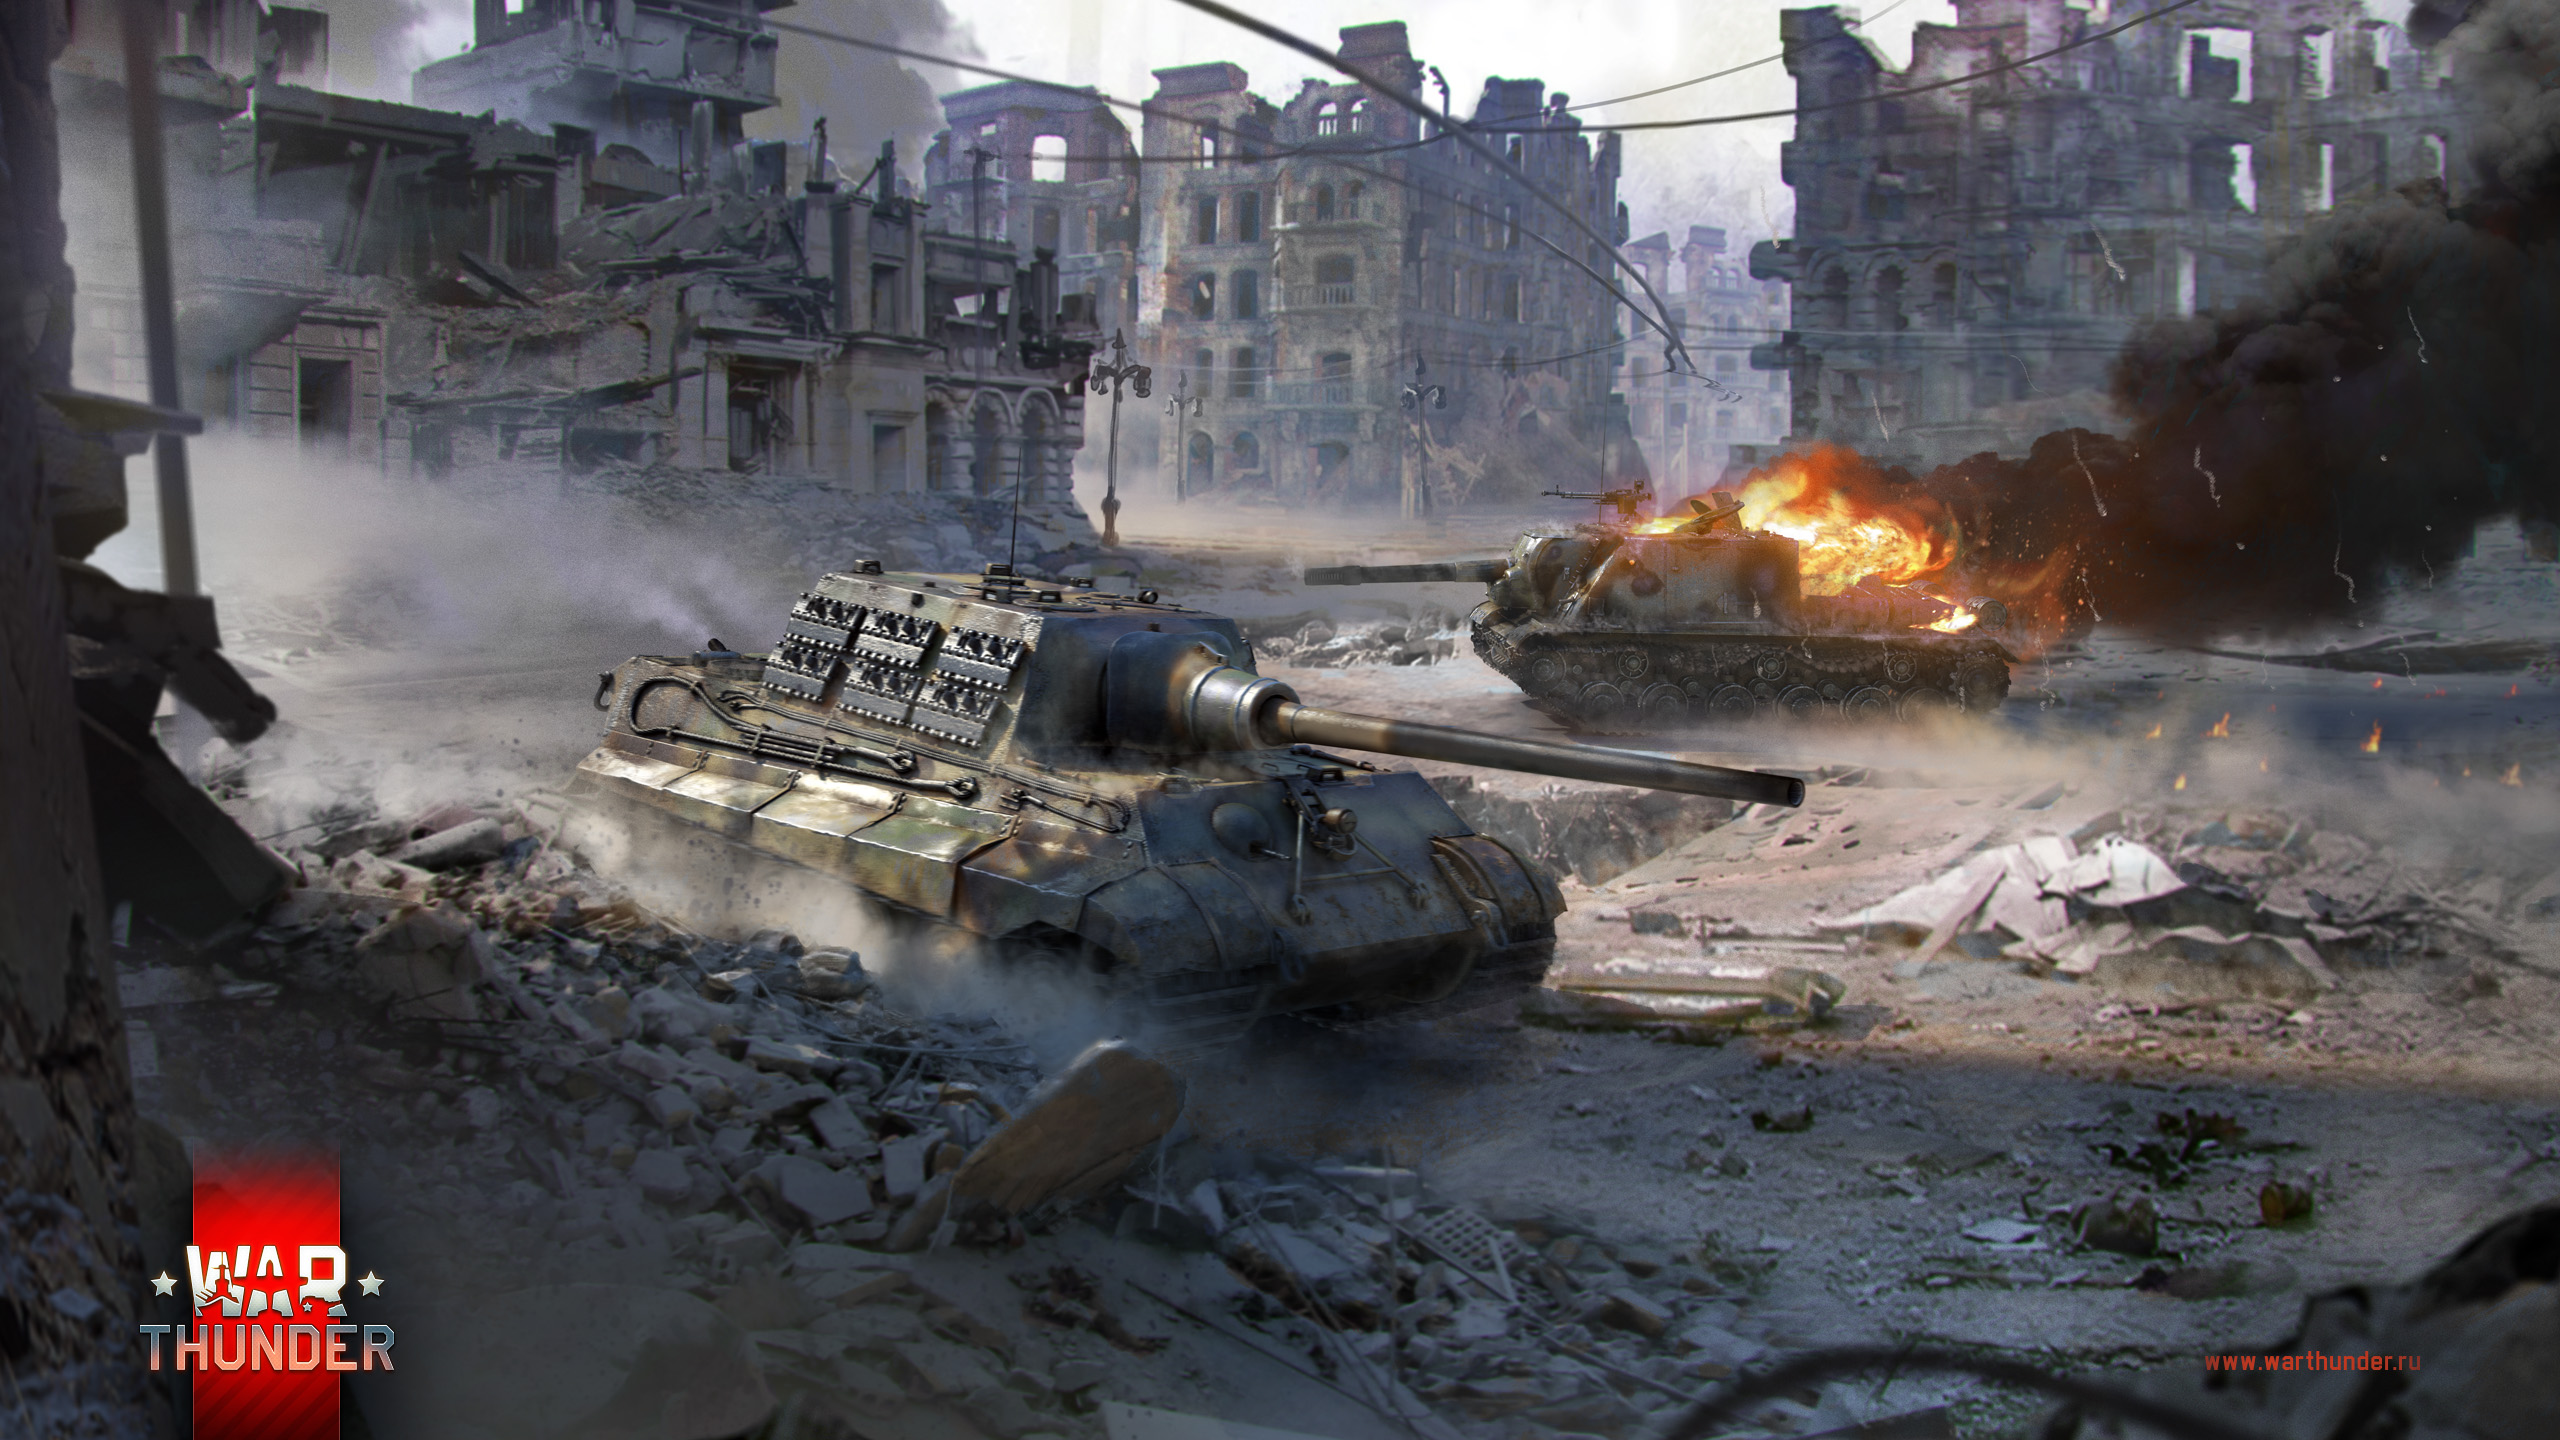 рисунок Ягдтигр против ИСУ-152